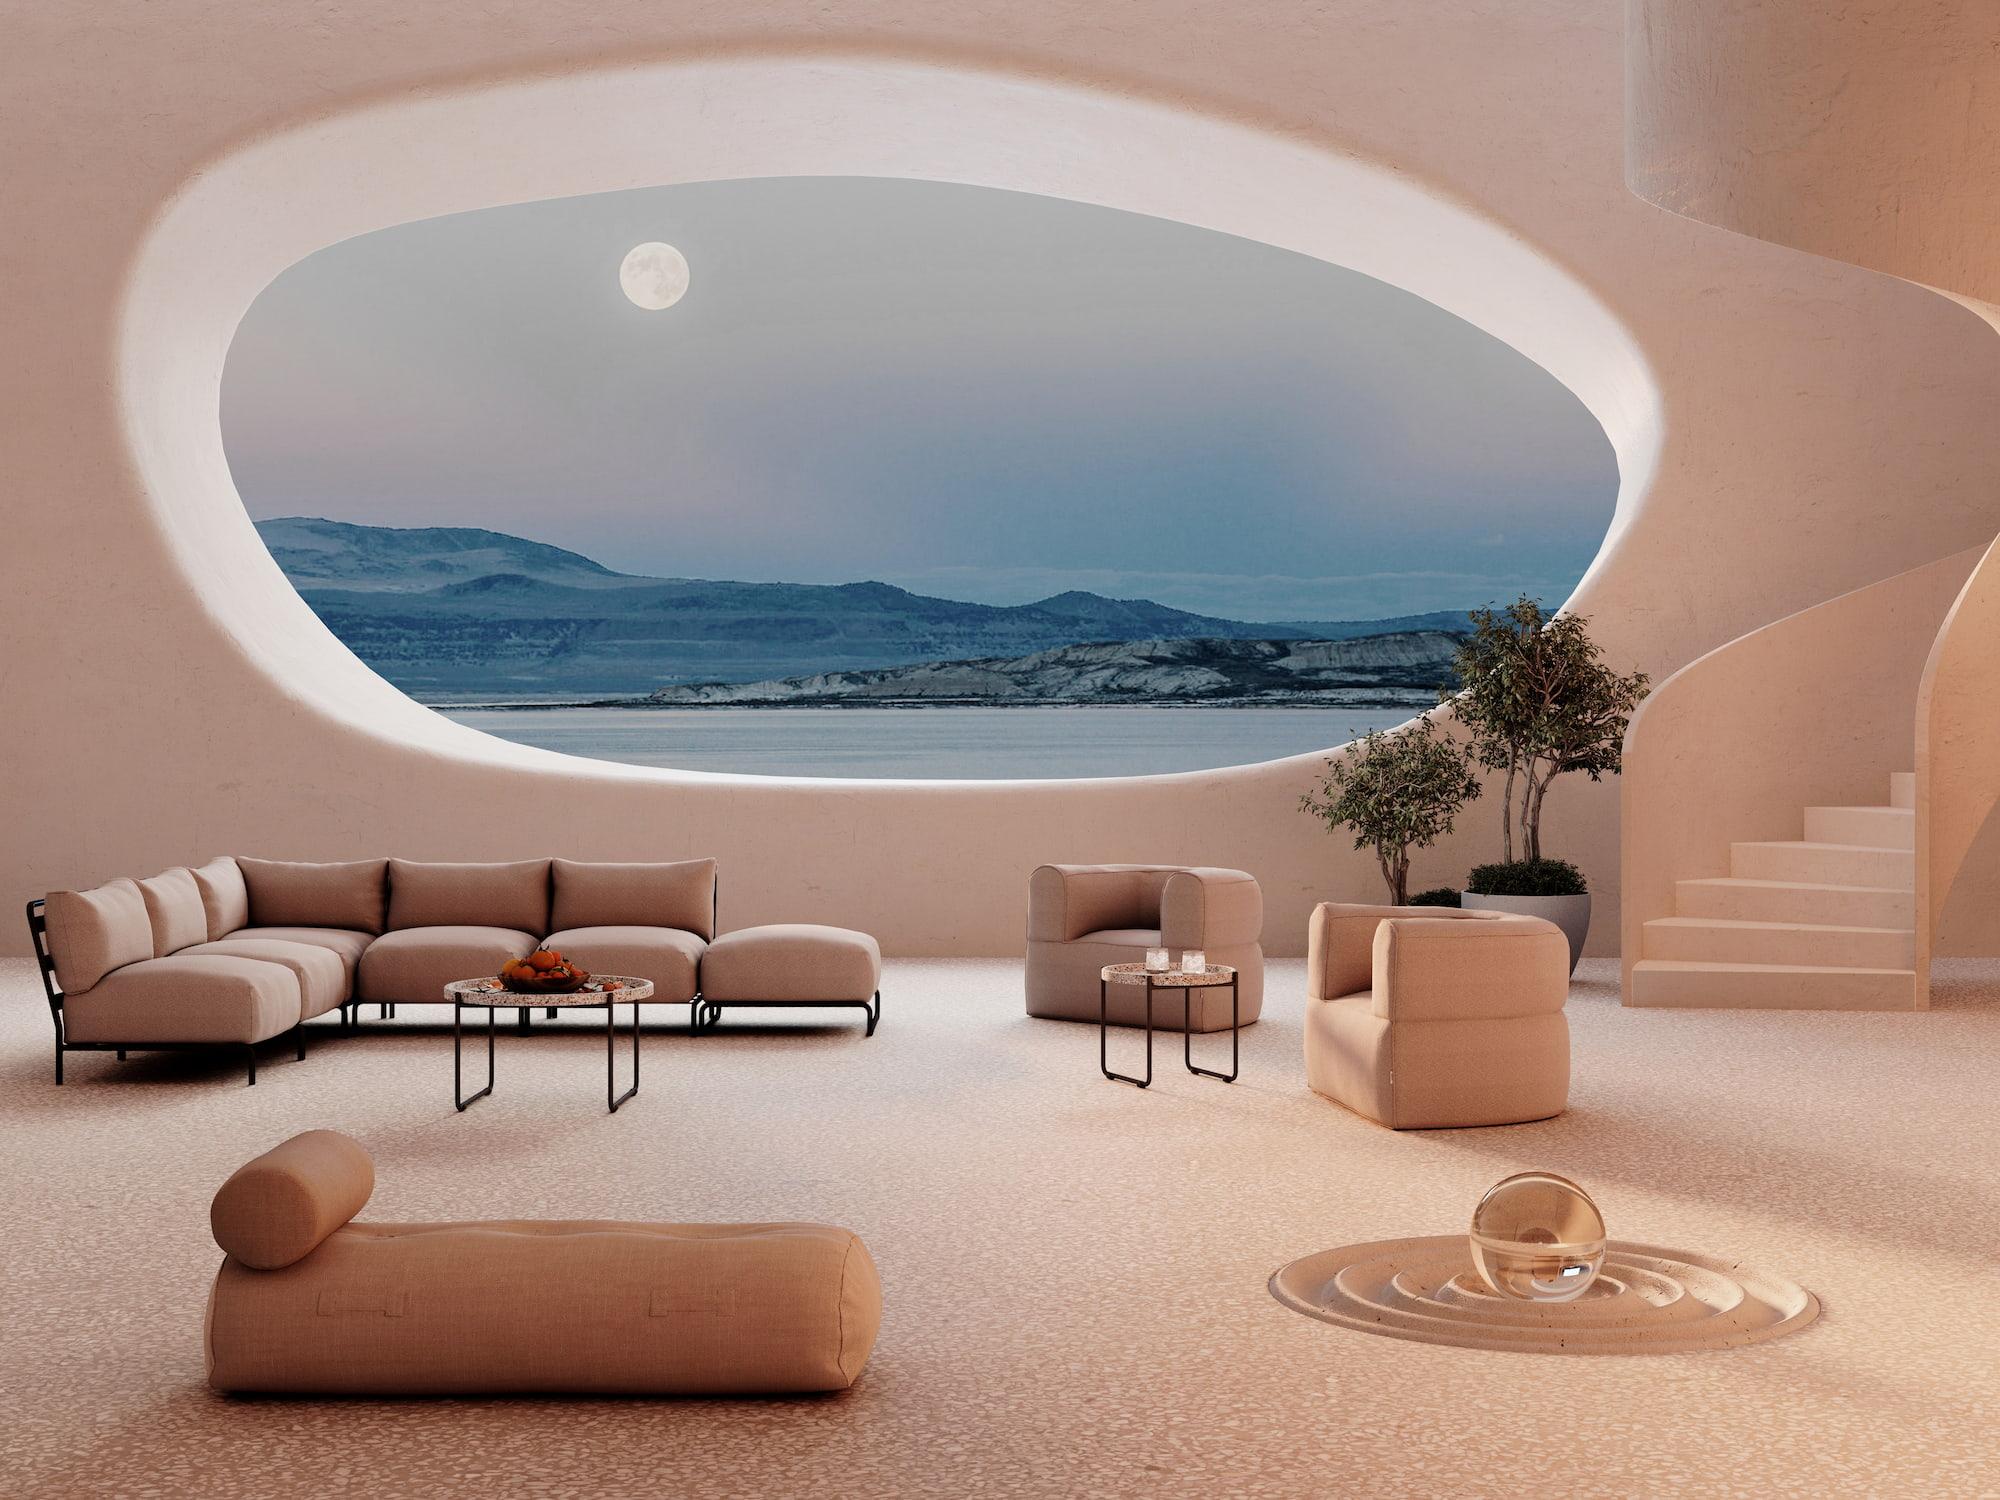 Trimm unwordly beautiful interior